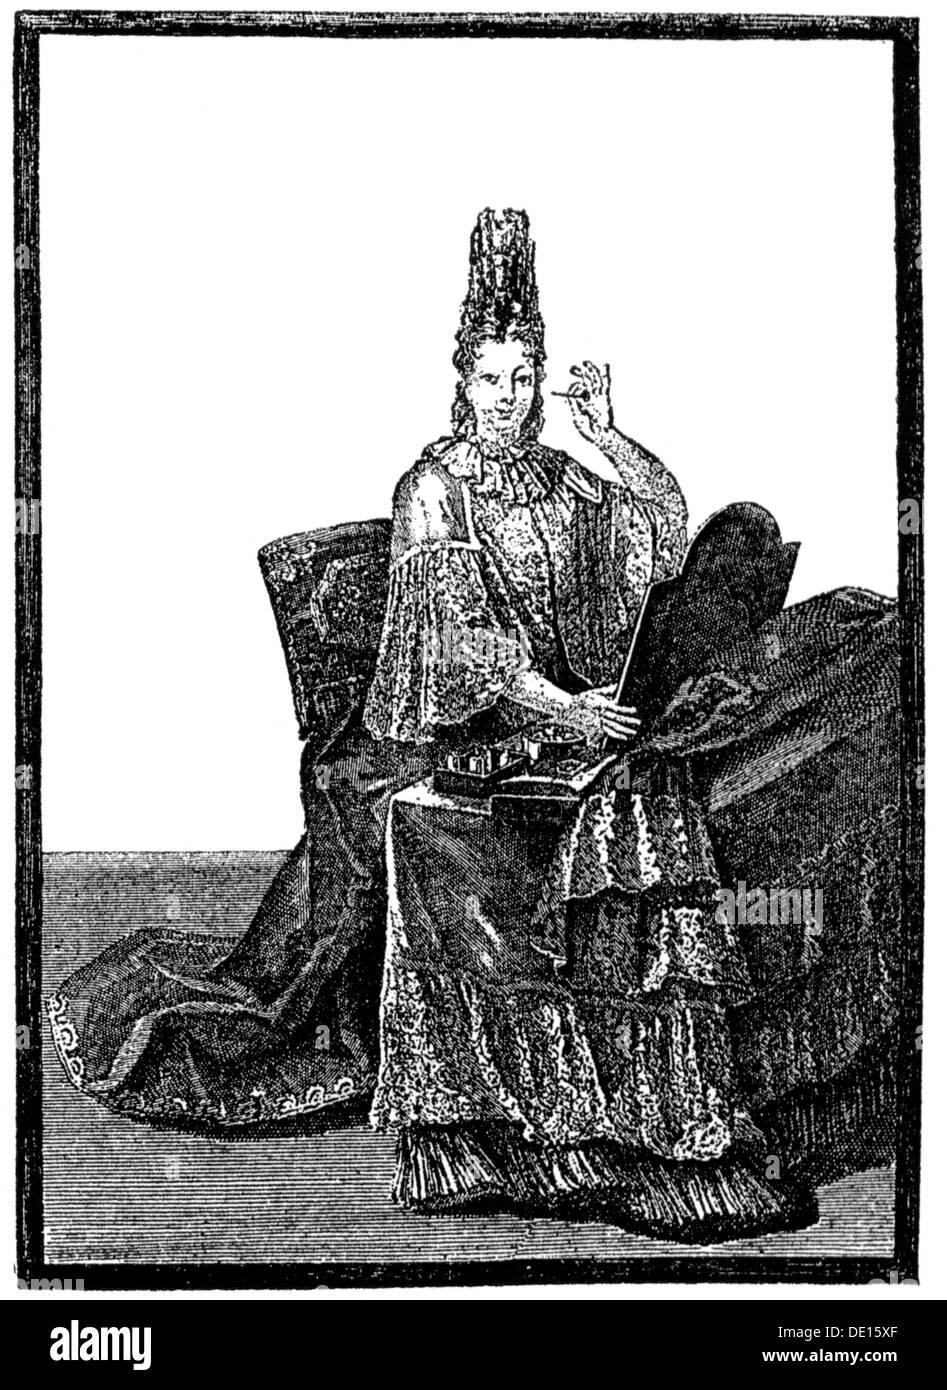 17 Jahrhundert Bild Architektur: Mode, 17. Jahrhundert, Hofdame Am Morgen Wc, Kupferstich